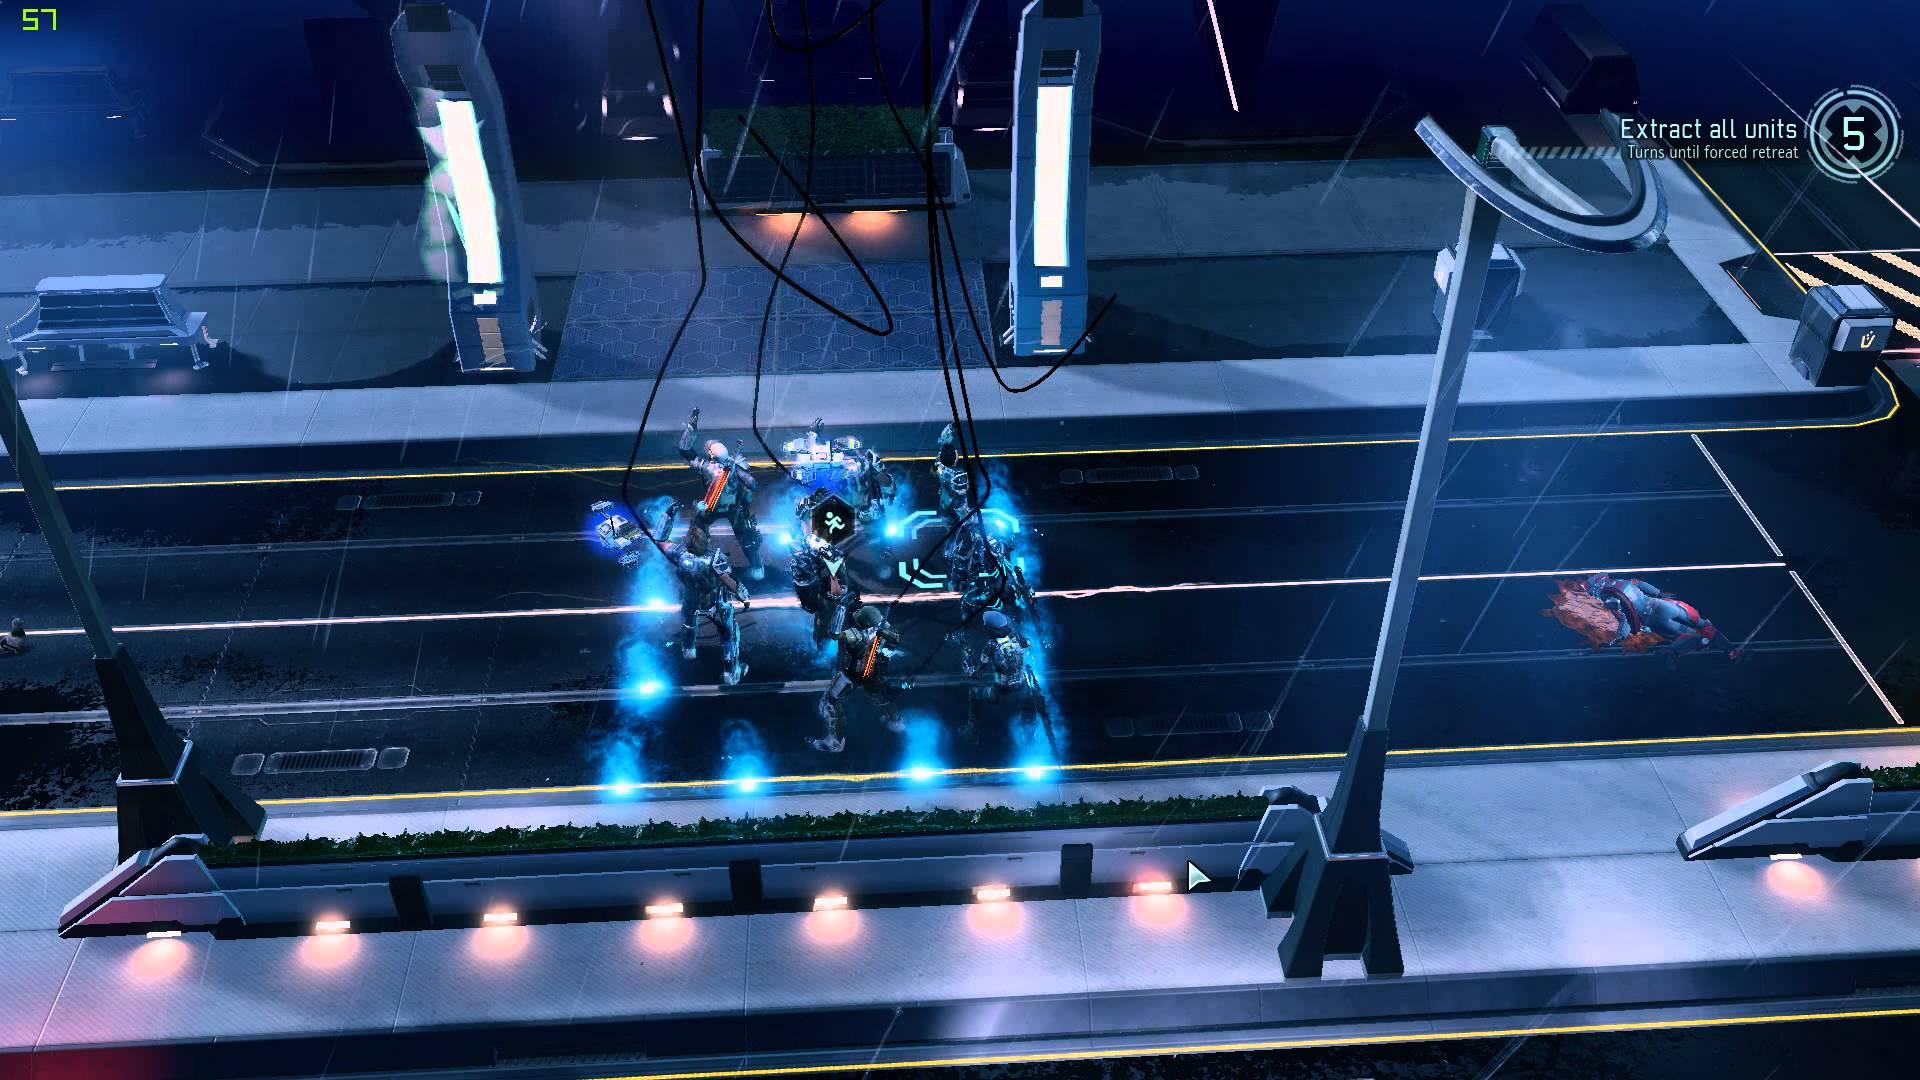 Best XCOM 2 Mods Evac all